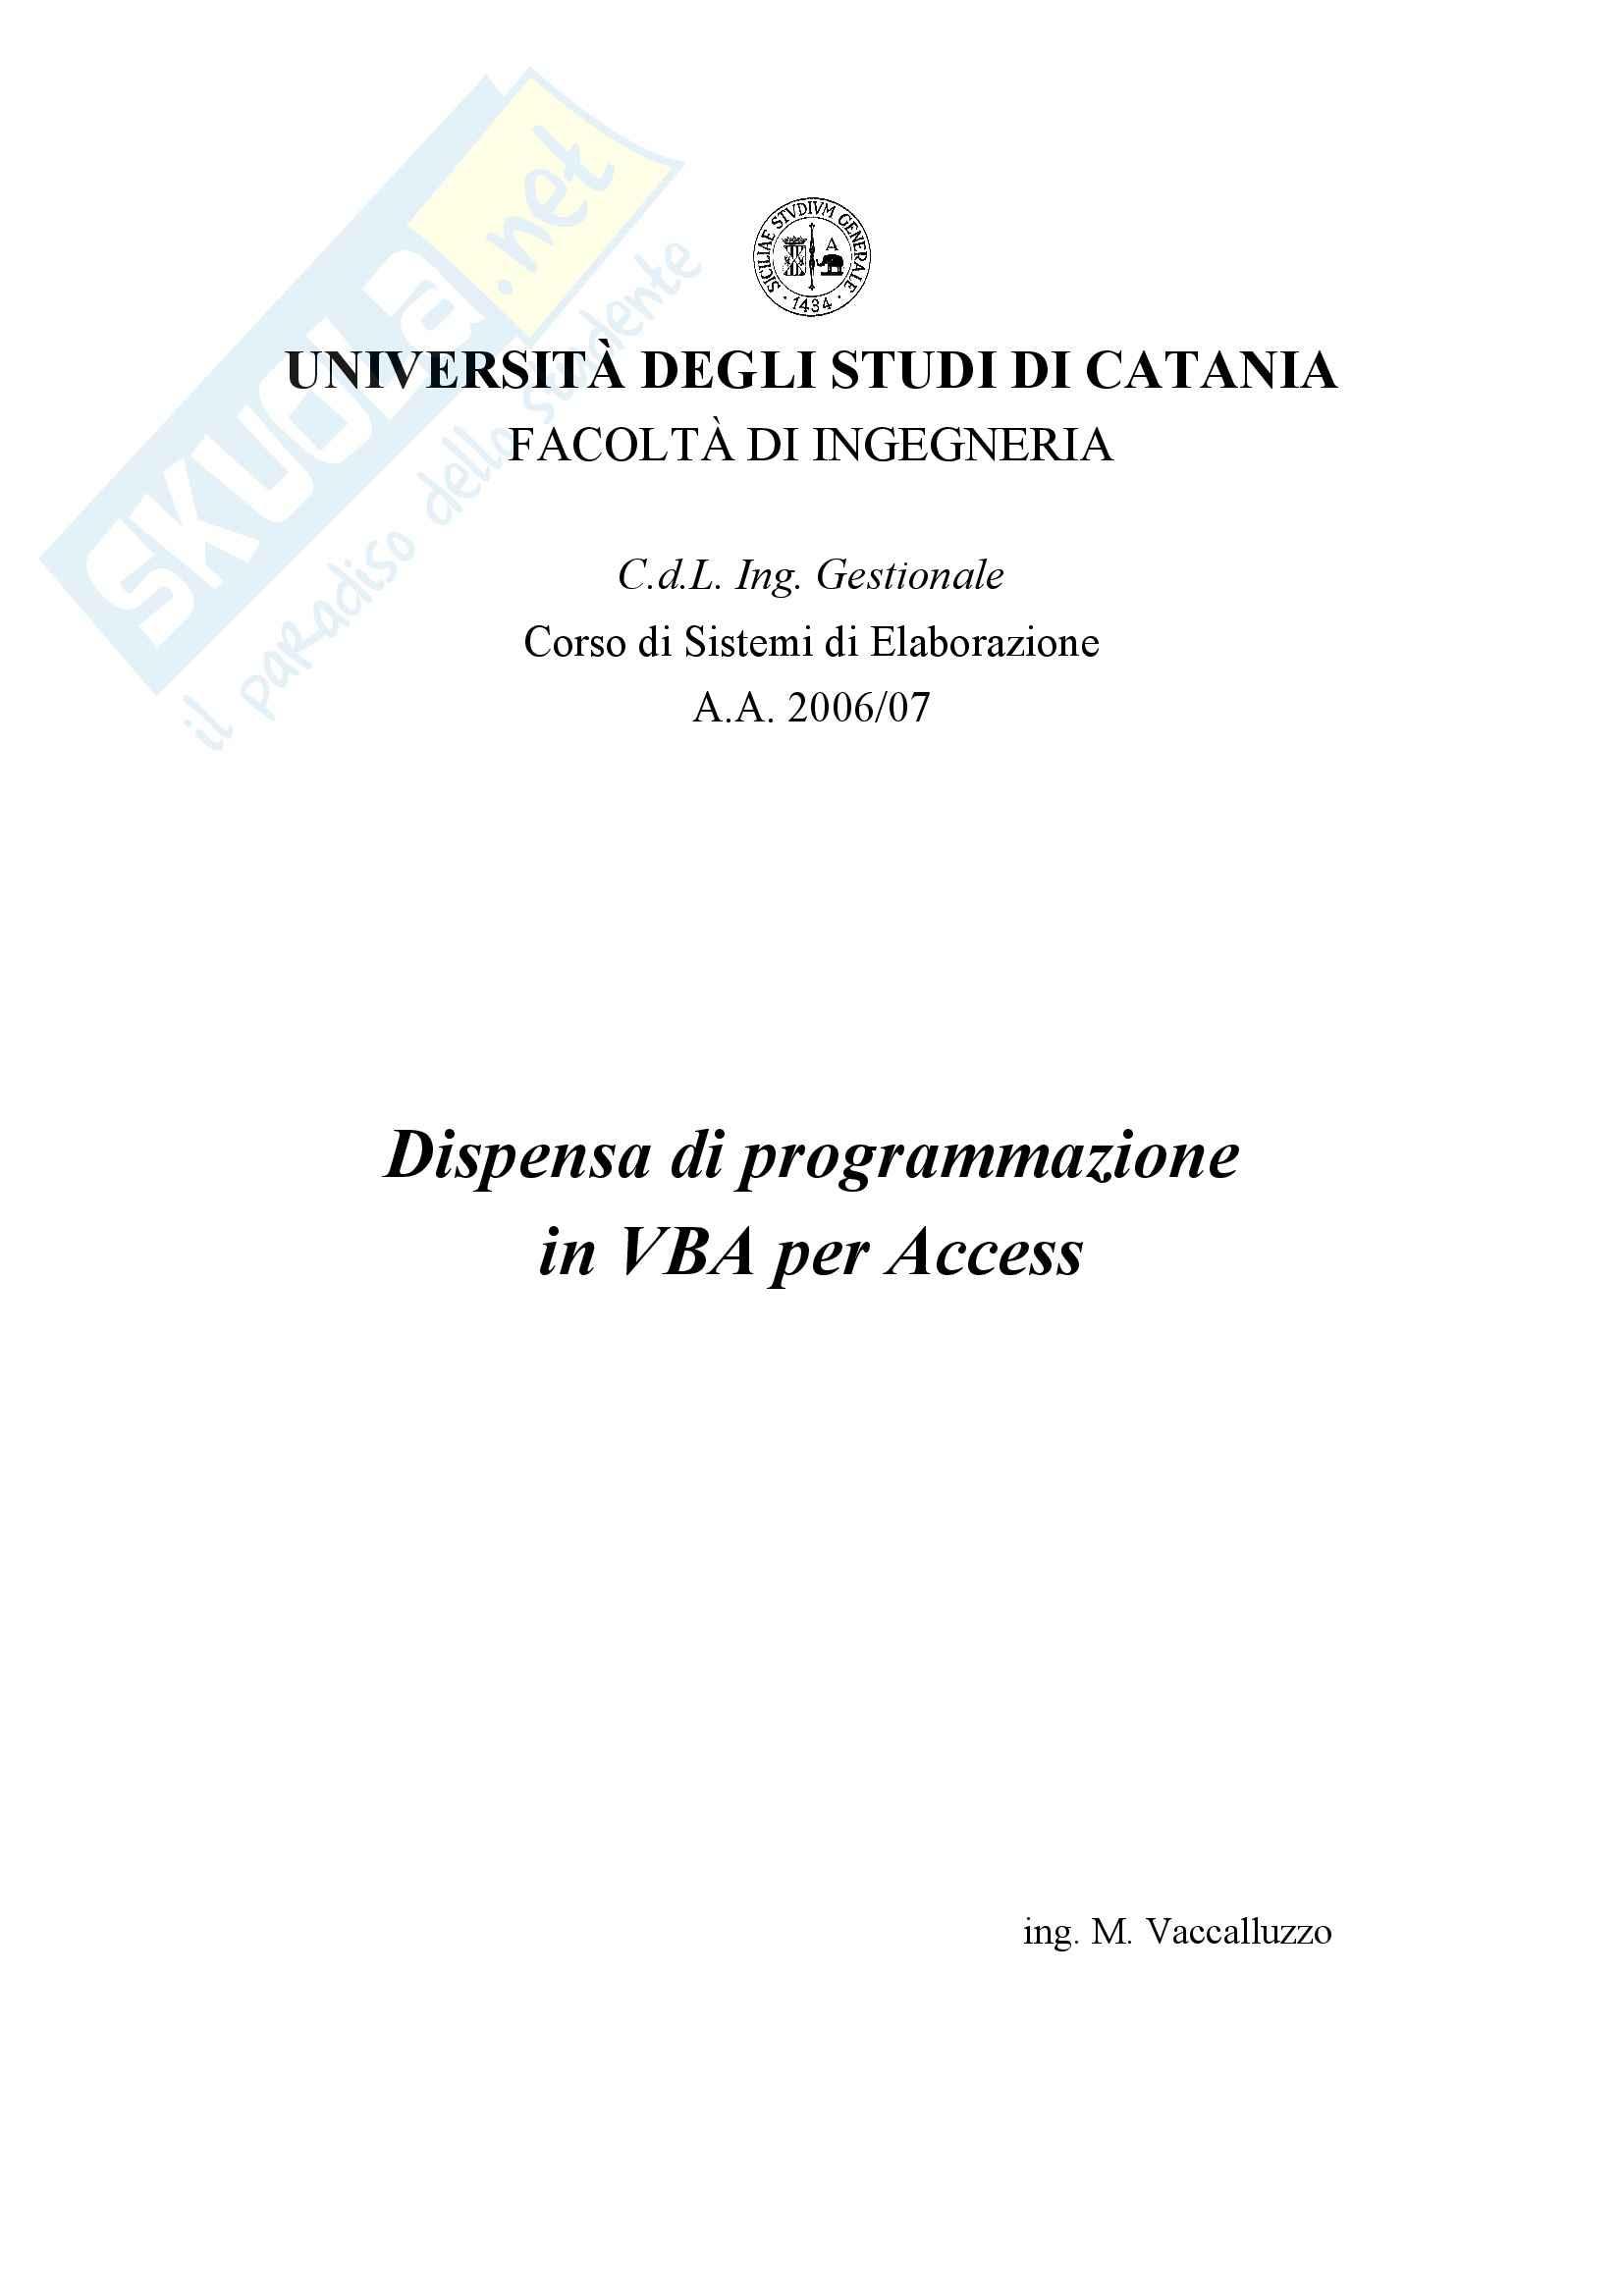 Sistemi di elaborazione - programmazione in Access, VBA